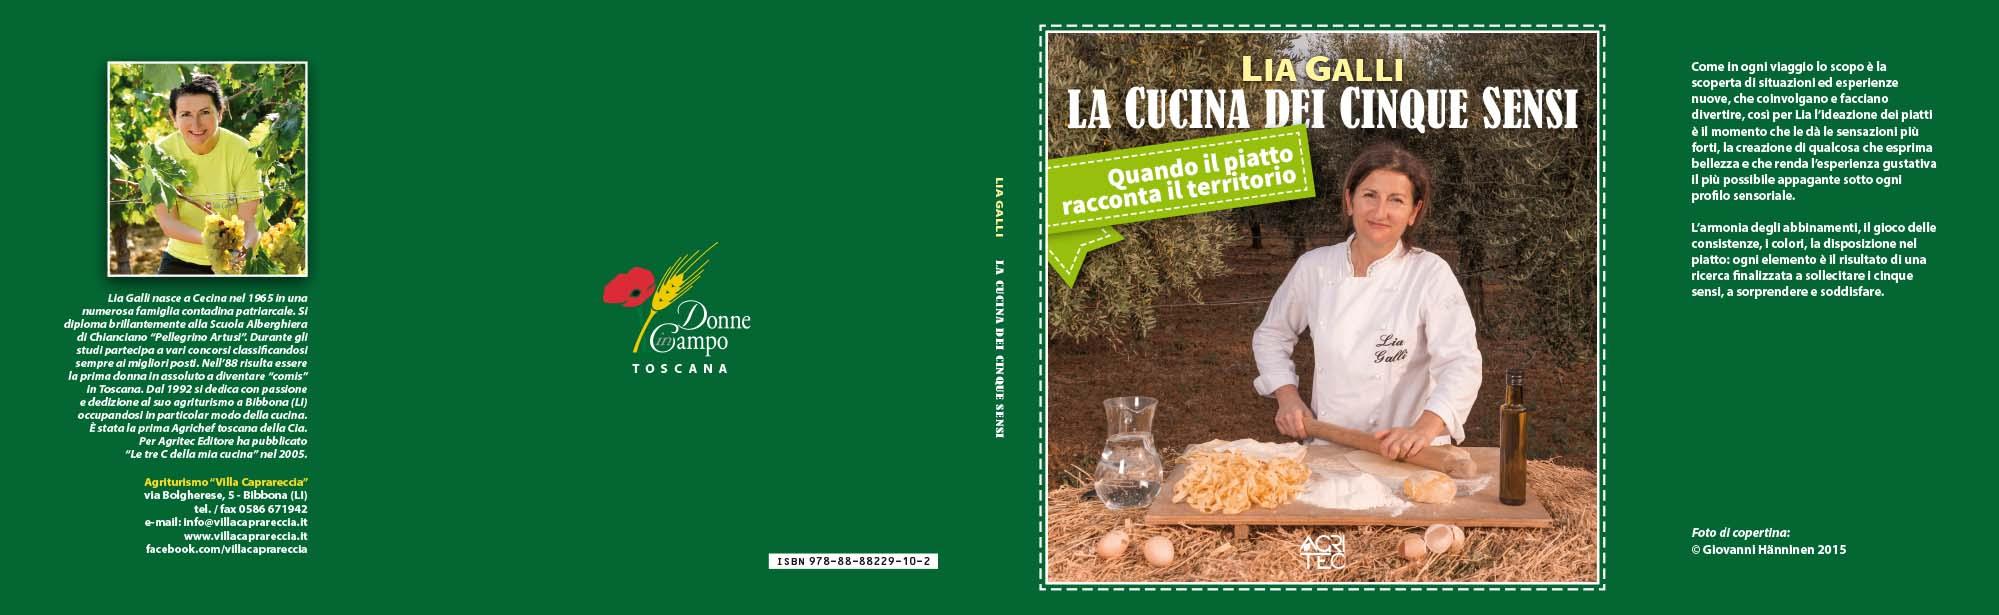 Lia Galli, La cucina dei cinque sensi, copertina